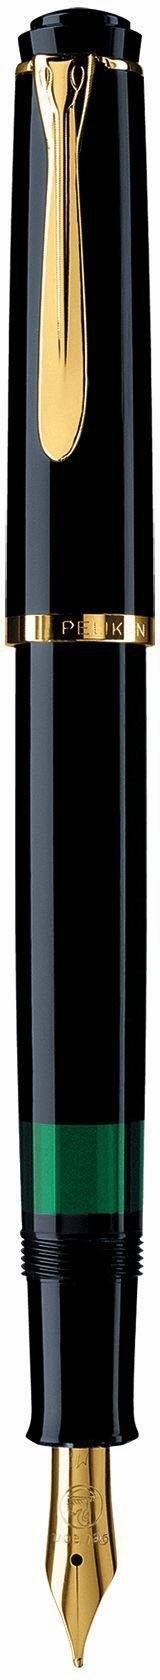 Pelikan vulpen, »Classic M 200, zwart, vergulde edelstalen veer, veerbreedte F« - gratis ruilen op otto.nl